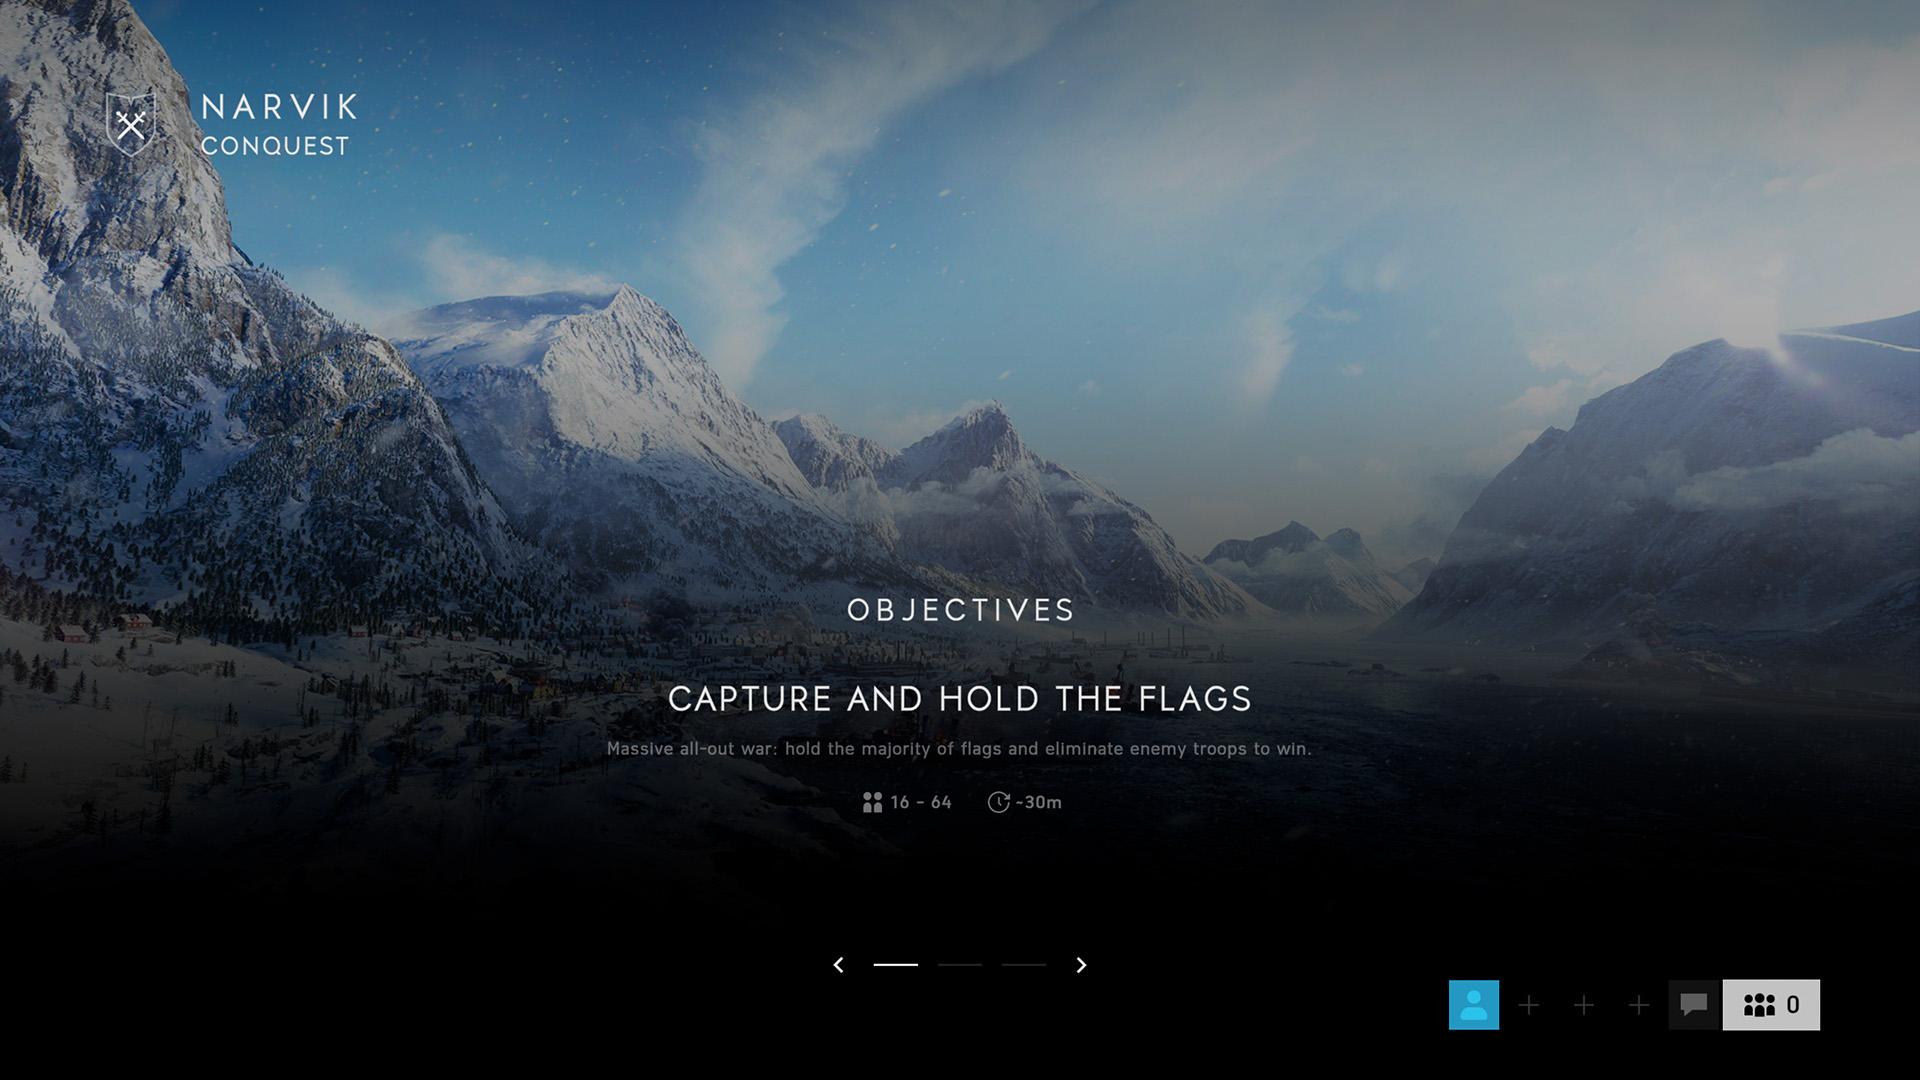 Battlefield V Screenshot 2018_0018_Battlefield V Screenshot 2018.11.11 - 20.36.23.14.jpg